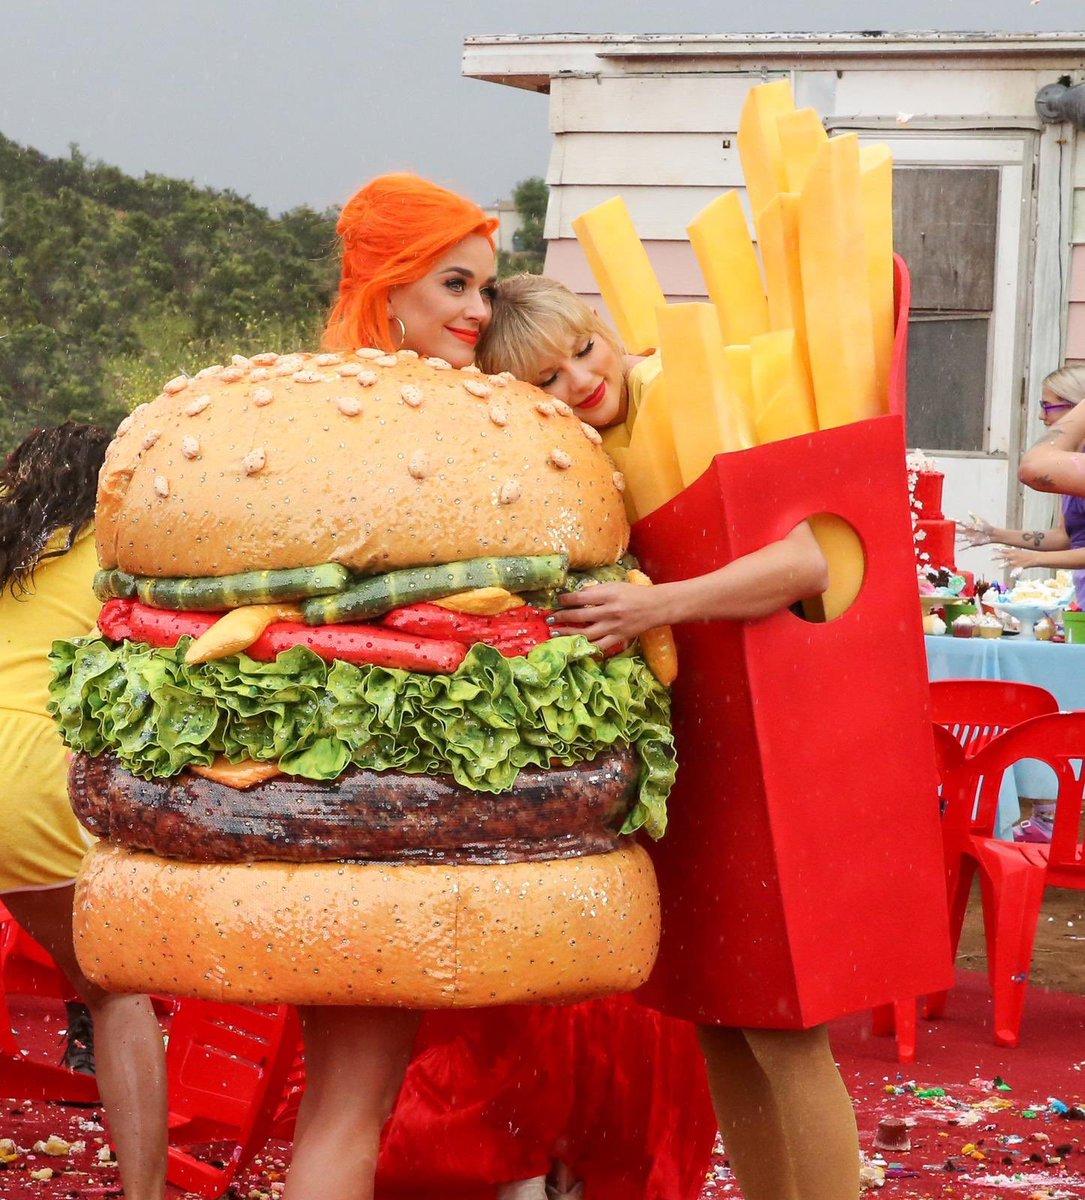 Taylor Swift เผยว่าตอนแรกไม่ชัวร์ว่าจะเปิดเผยความสัมพันธ์กับ Katy Perry ดีหรือไม่จนกระทั่งมาทำ mv เพลง YNTCD เทย์เลยลองชวนแขมา สรุปนางมาจริงๆ โดยเทย์ได้ไอเดียชุดคู่จากชุดของแขใน Met Gala และคิดว่าไม่มีอะไรจะเข้ากันได้ดีไปกว่า burger & french fries อีกแล้ว ฮืออน่าร้ากกก 🍔🍟💗 https://t.co/8CyEZlbDfj